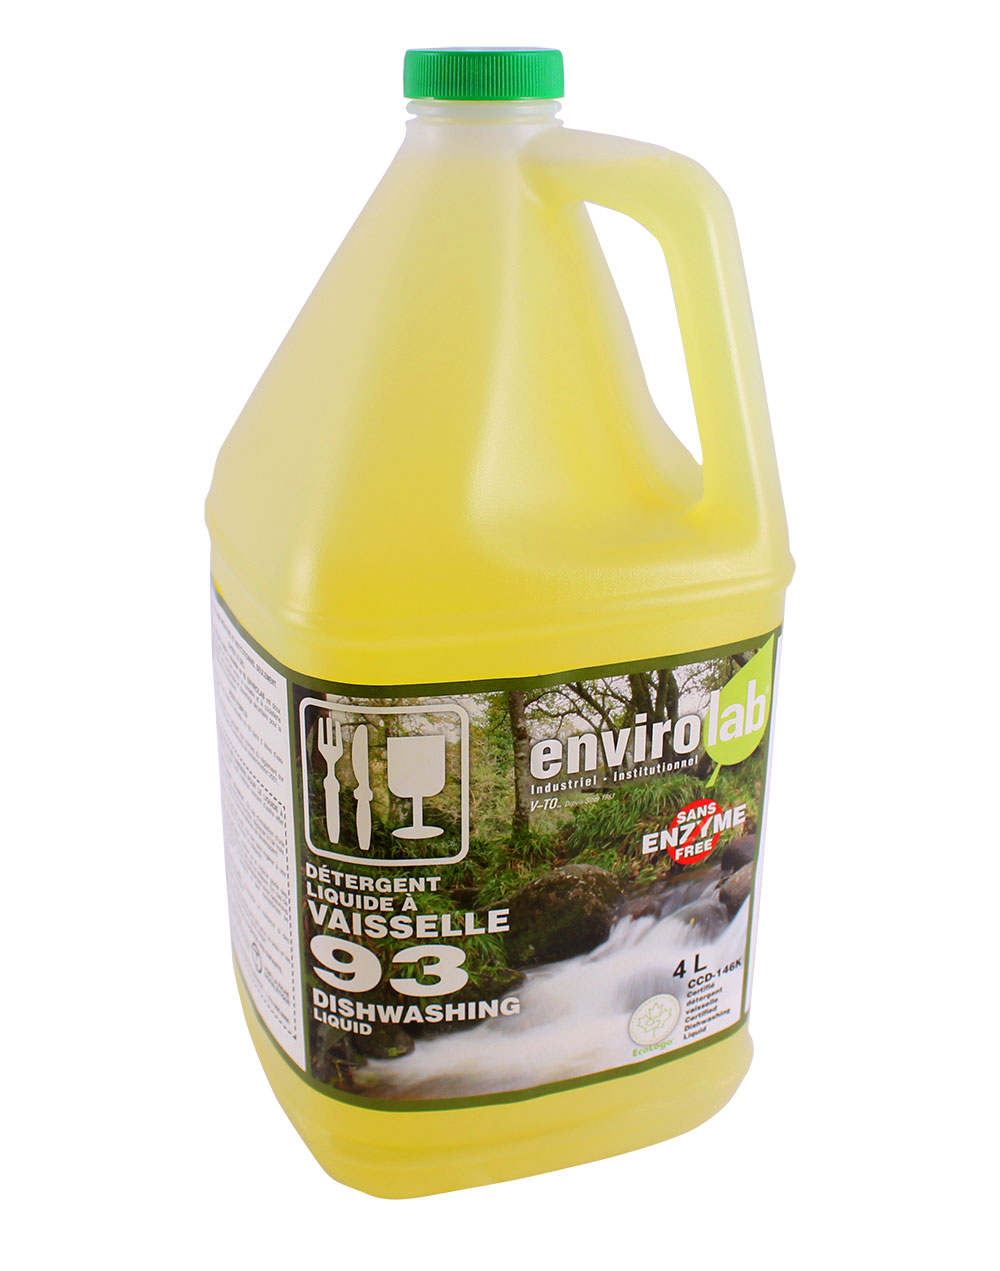 Envirolab 93 – Savon à vaisselle, biodégradable